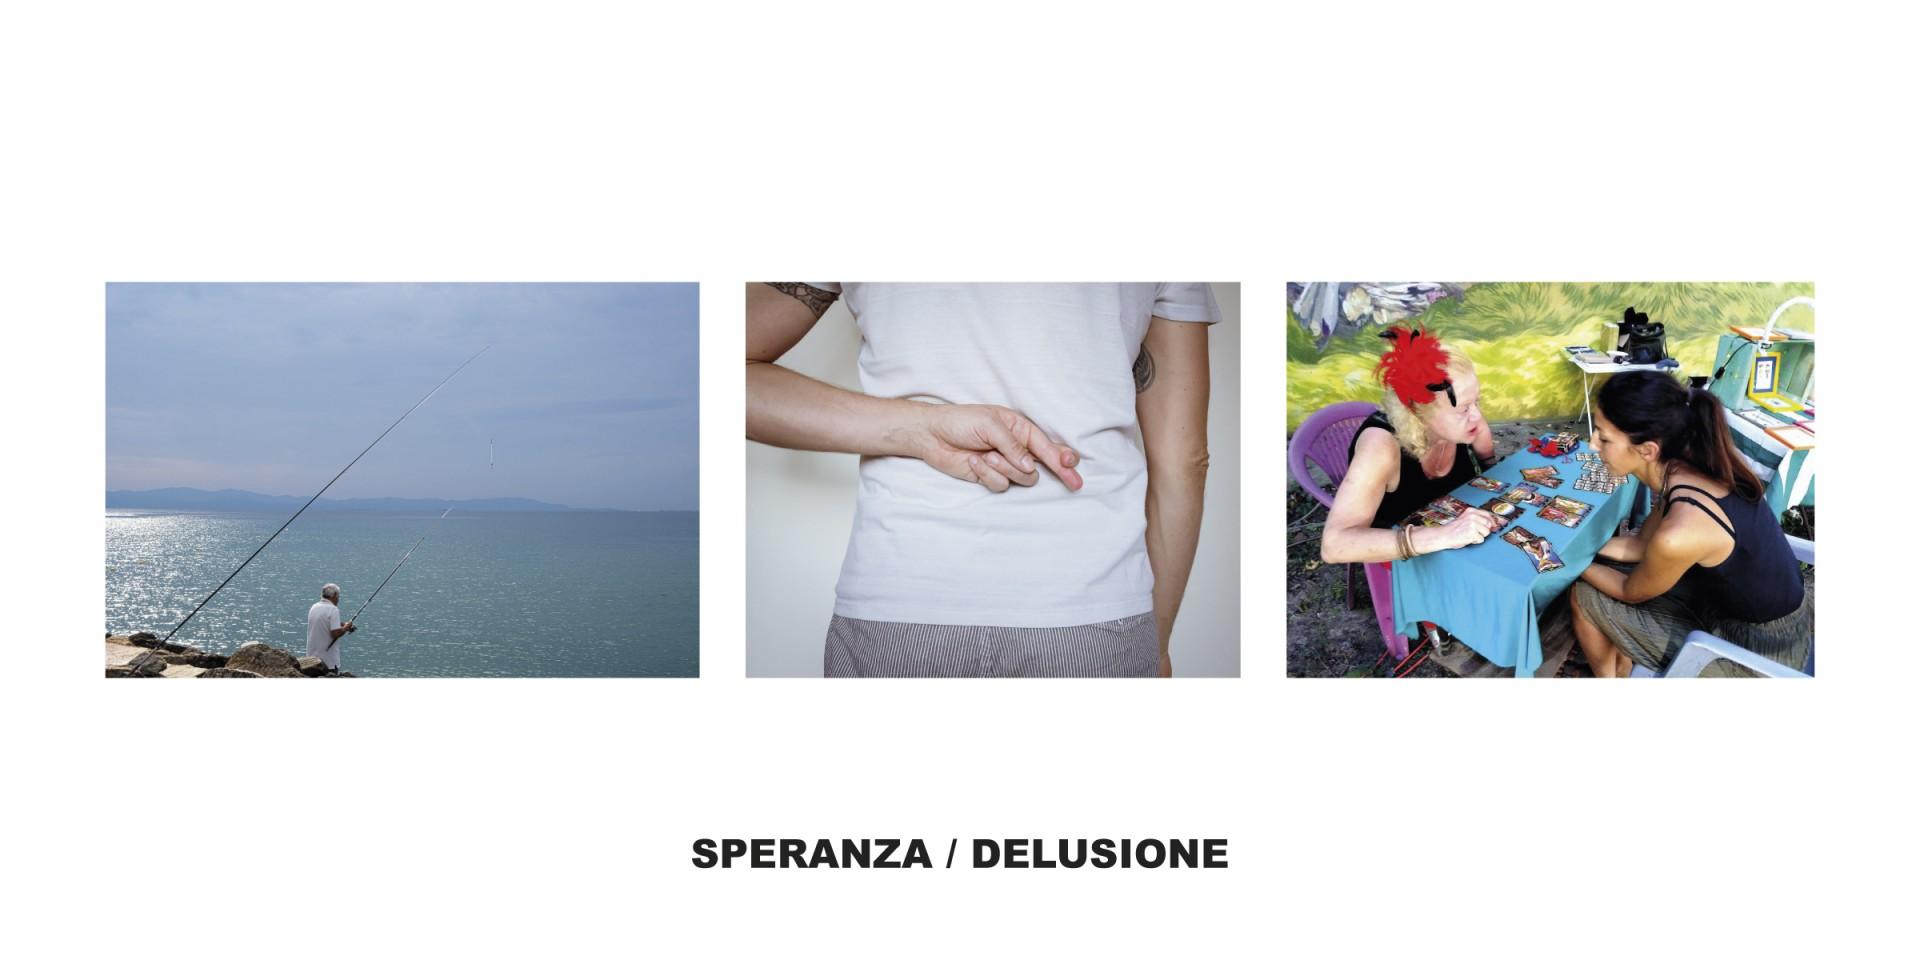 05-slide-speranza-delusione-3.jpg